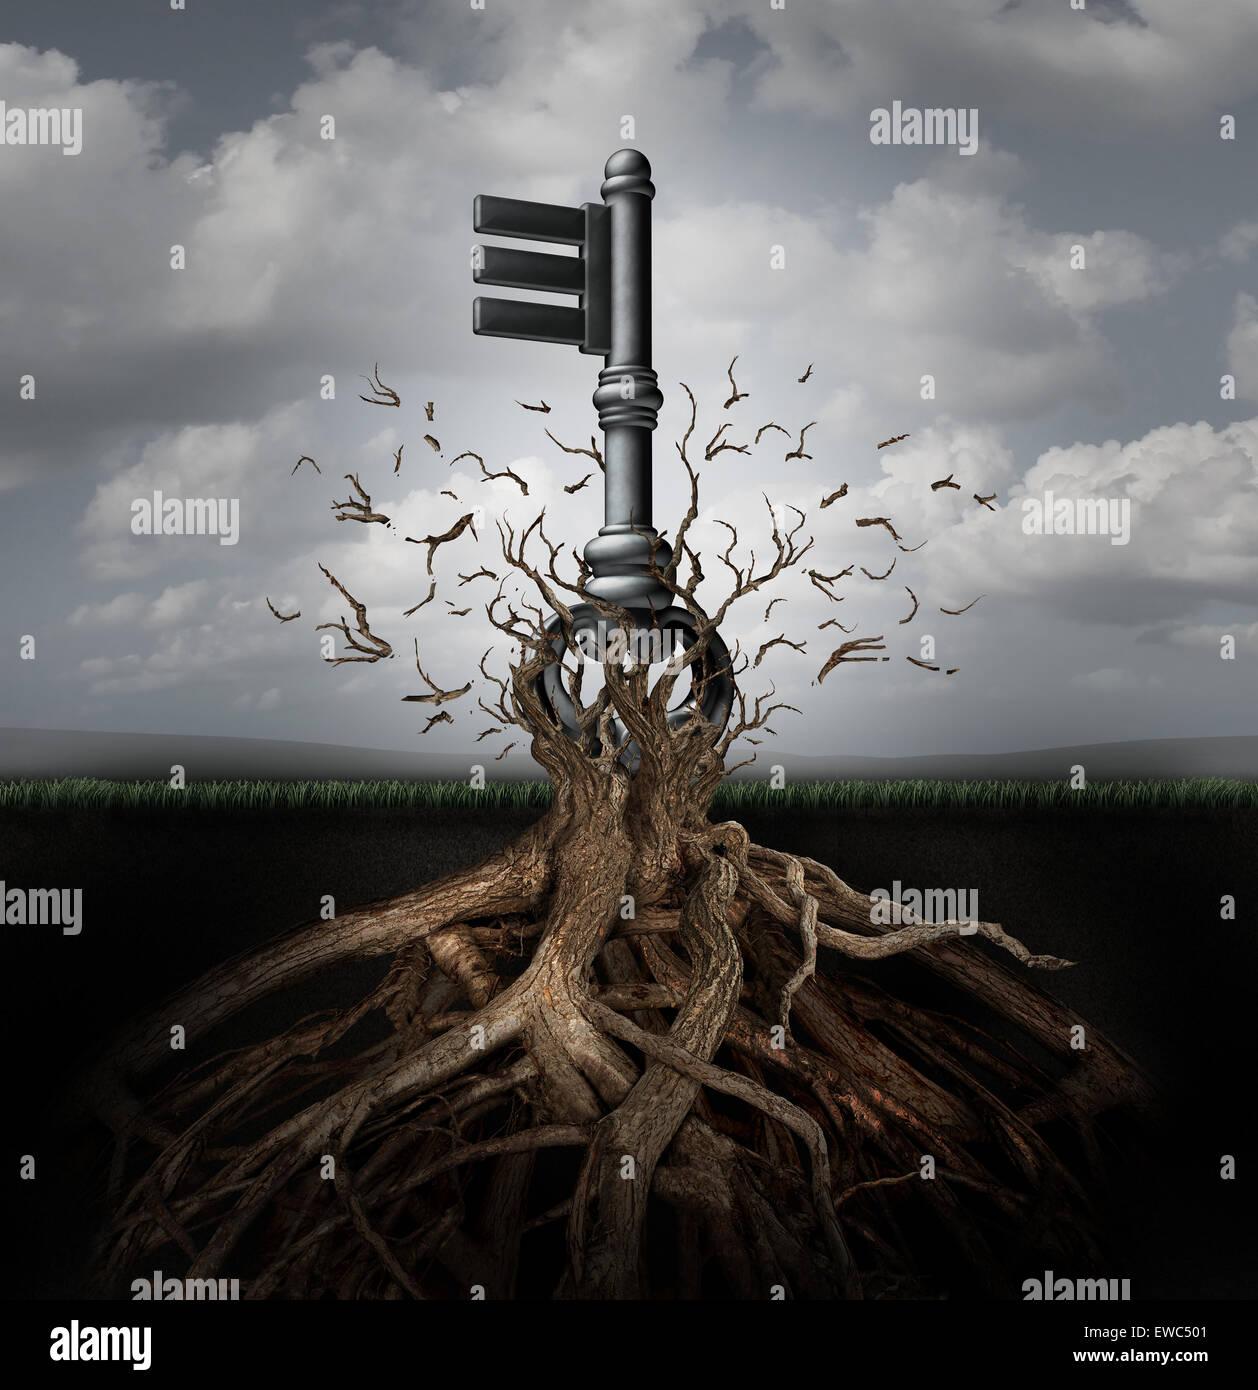 Concetto di soluzione come una vecchia chiave generica che emergono da un albero in un business come metafora per Immagini Stock